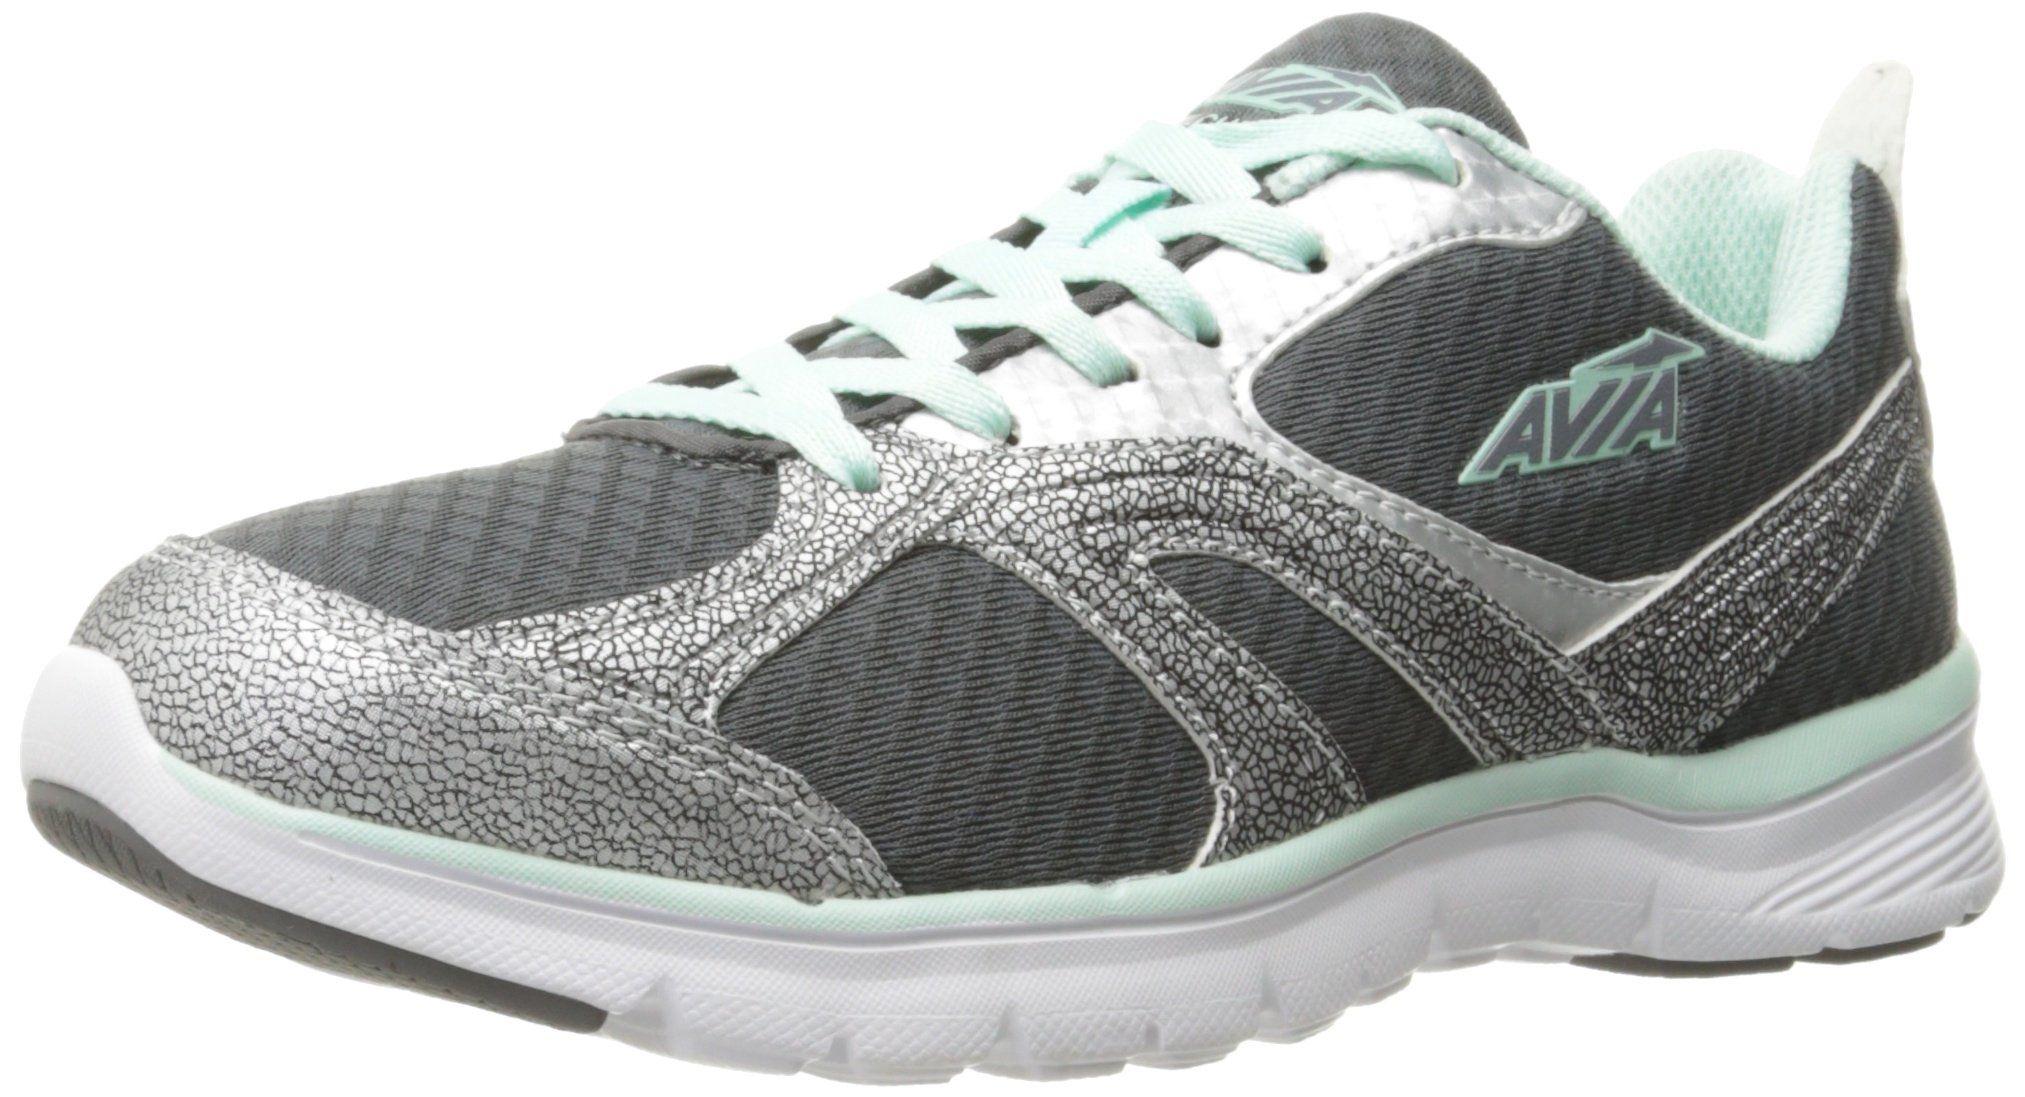 46e0c3de278 AVIA Women s Avi-Cube Running Shoe